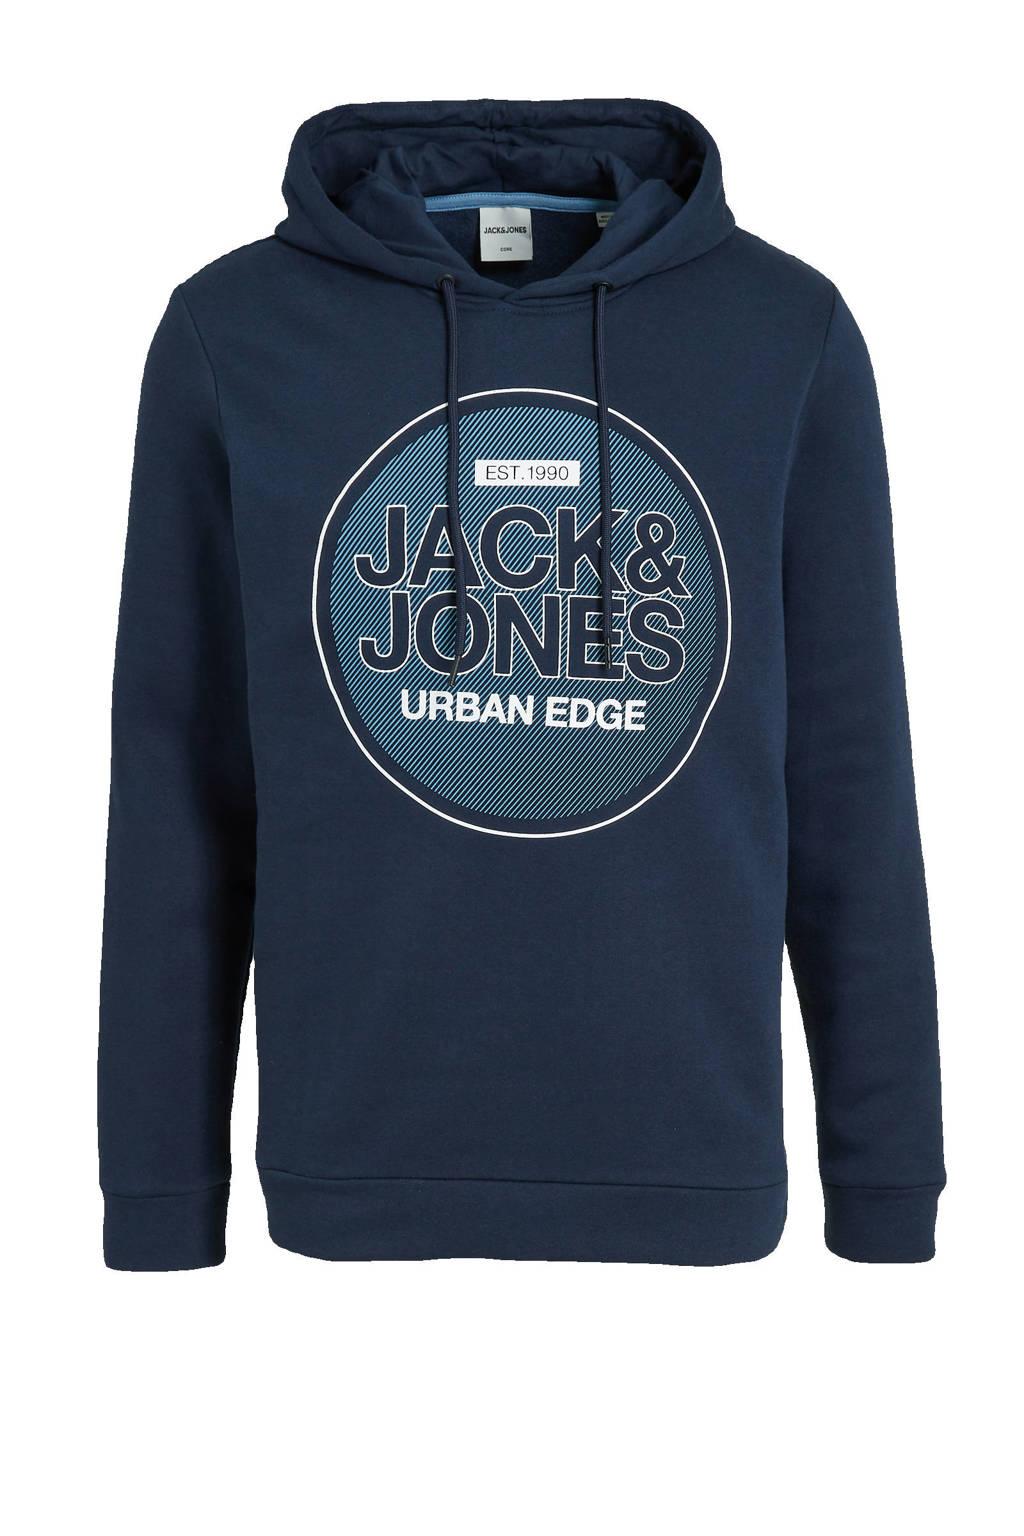 JACK & JONES CORE hoodie Booster met logo donkerblauw, Donkerblauw